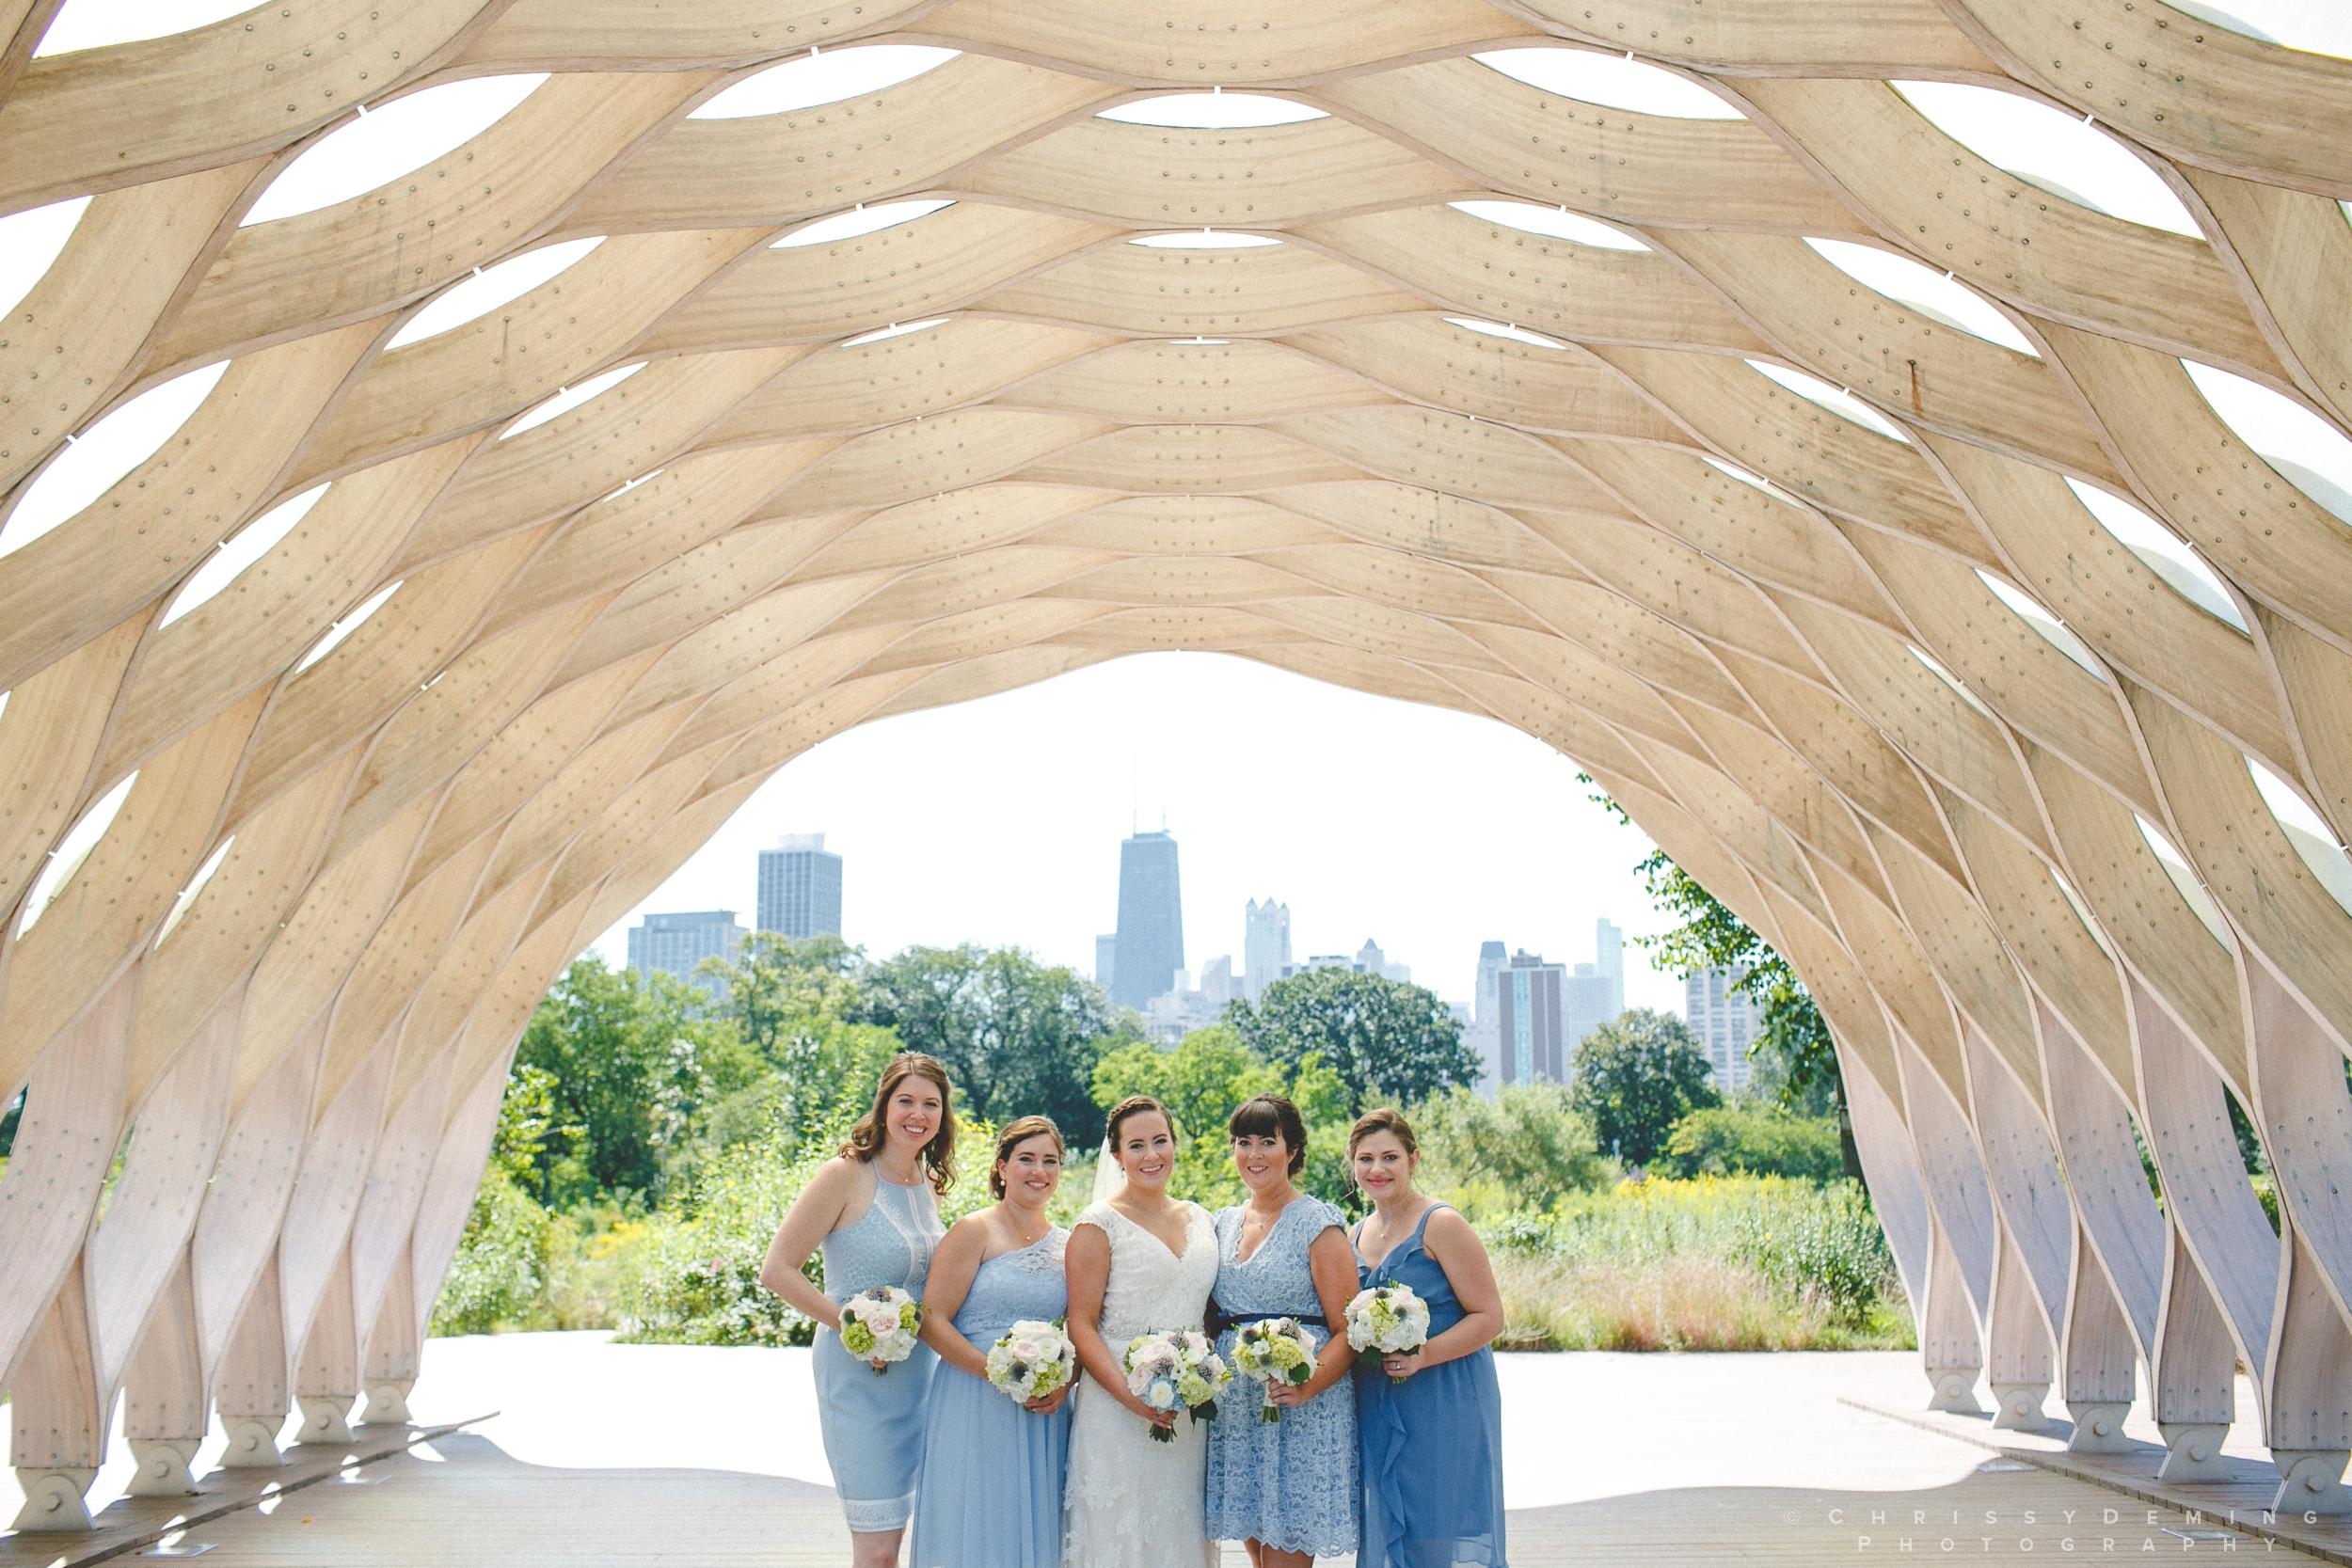 salvatores_chicago_ wedding_photographer_0029.jpg